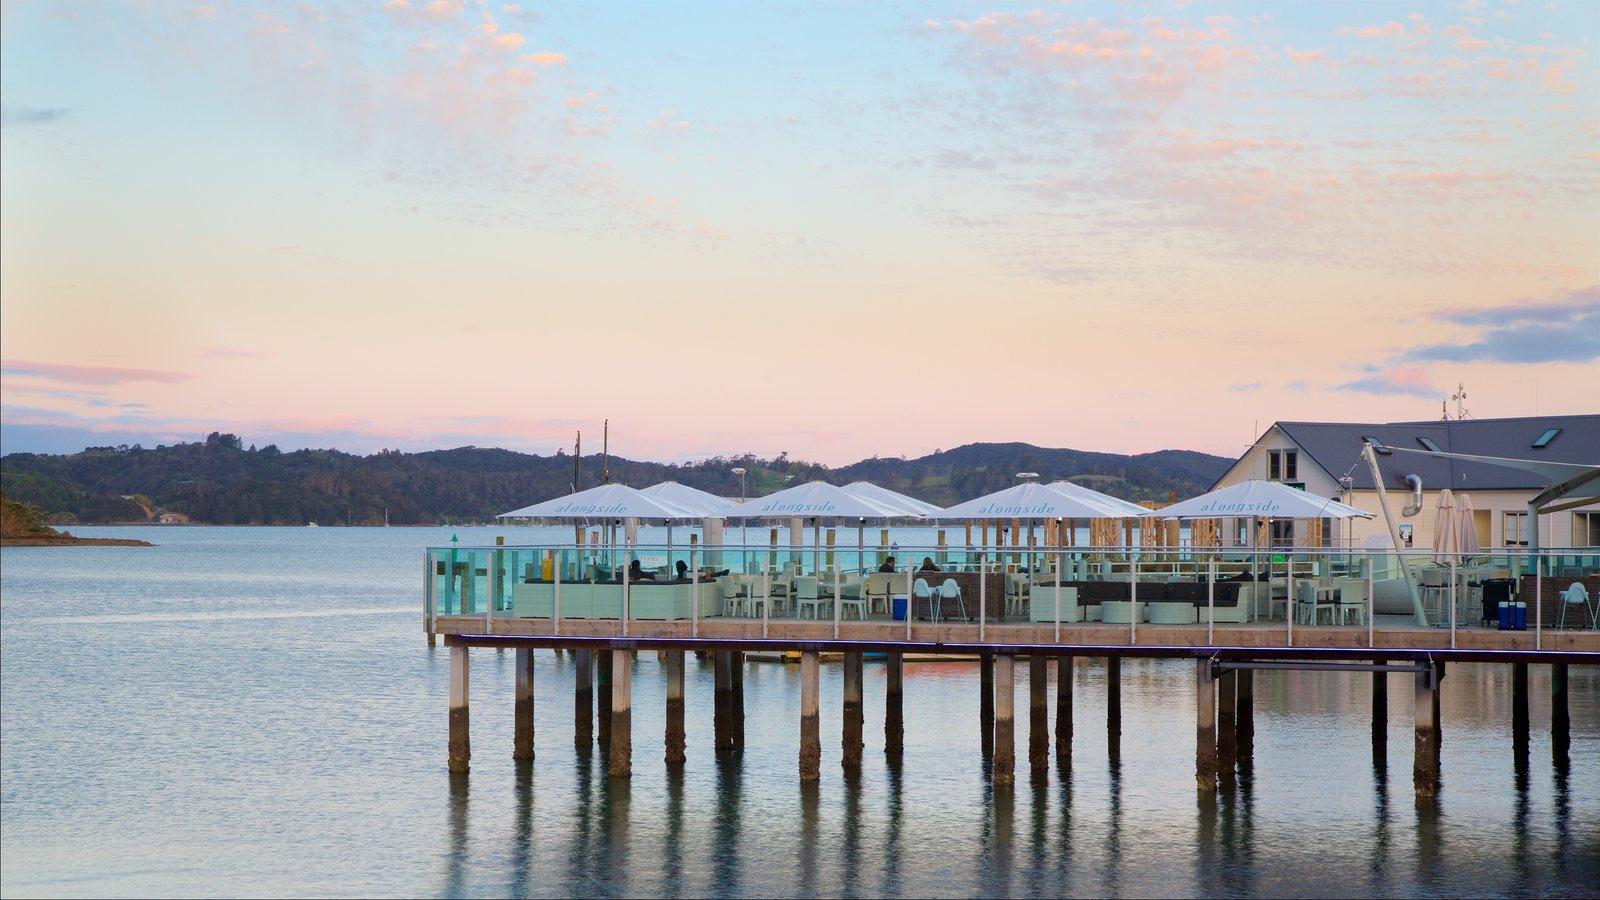 Muelle Paihia mostrando escenas de café, una bahía o puerto y una puesta de sol